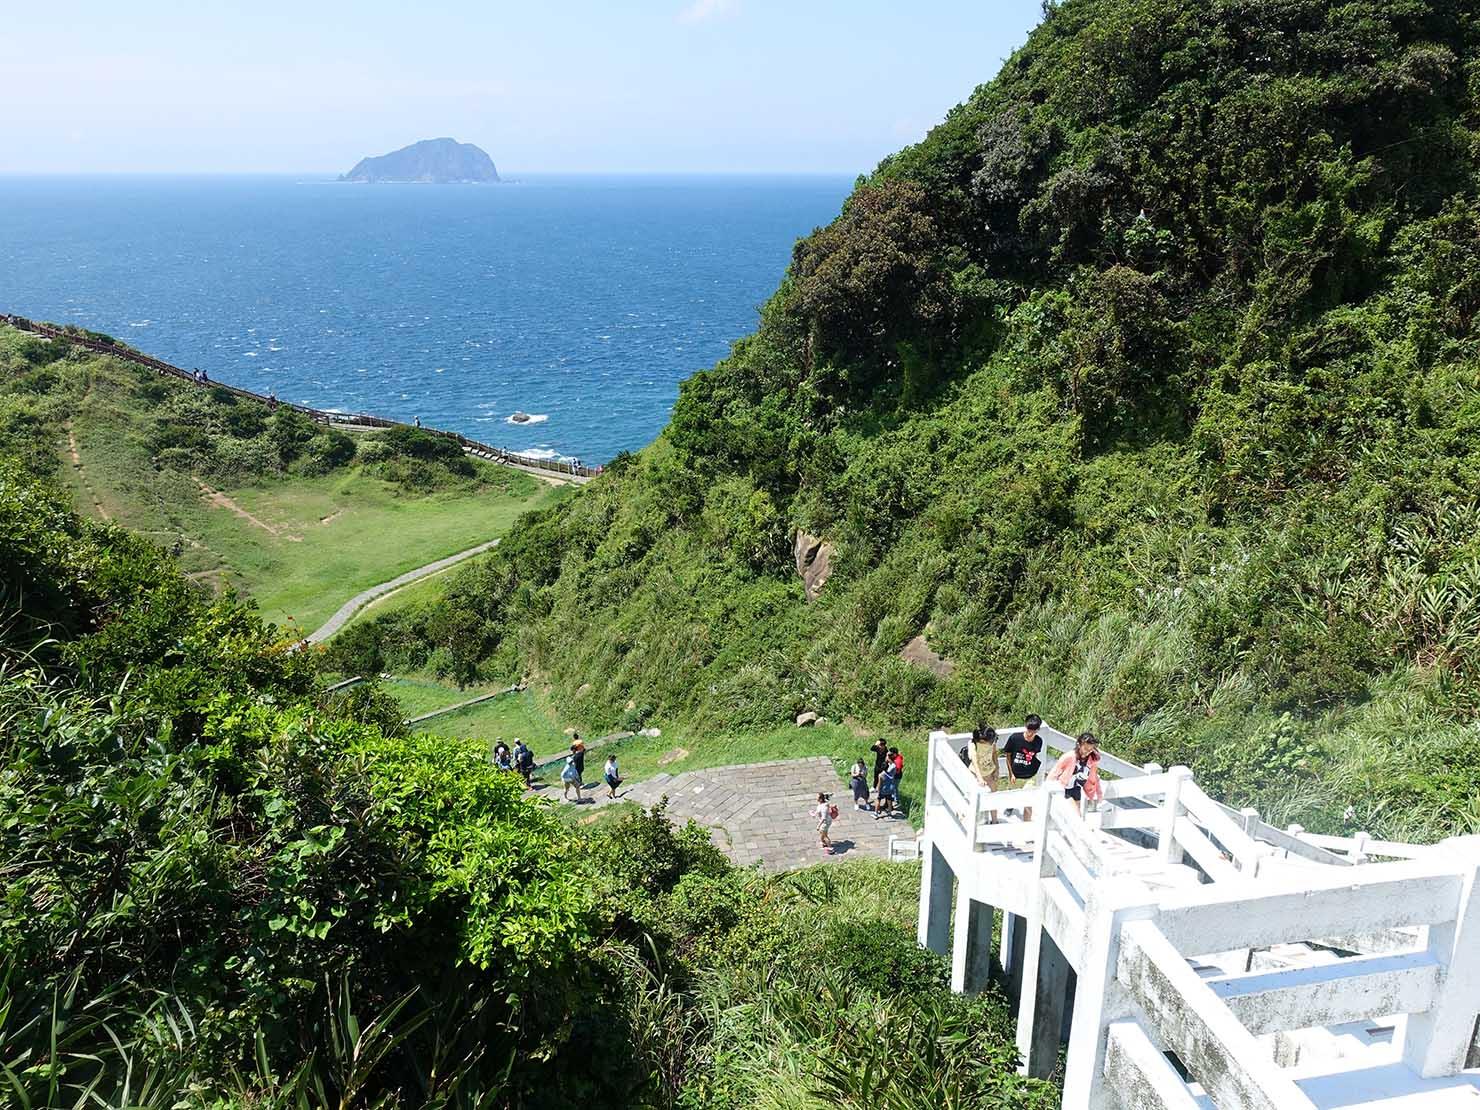 台北から日帰りで行ける基隆・望幽谷の入り口から眺める海